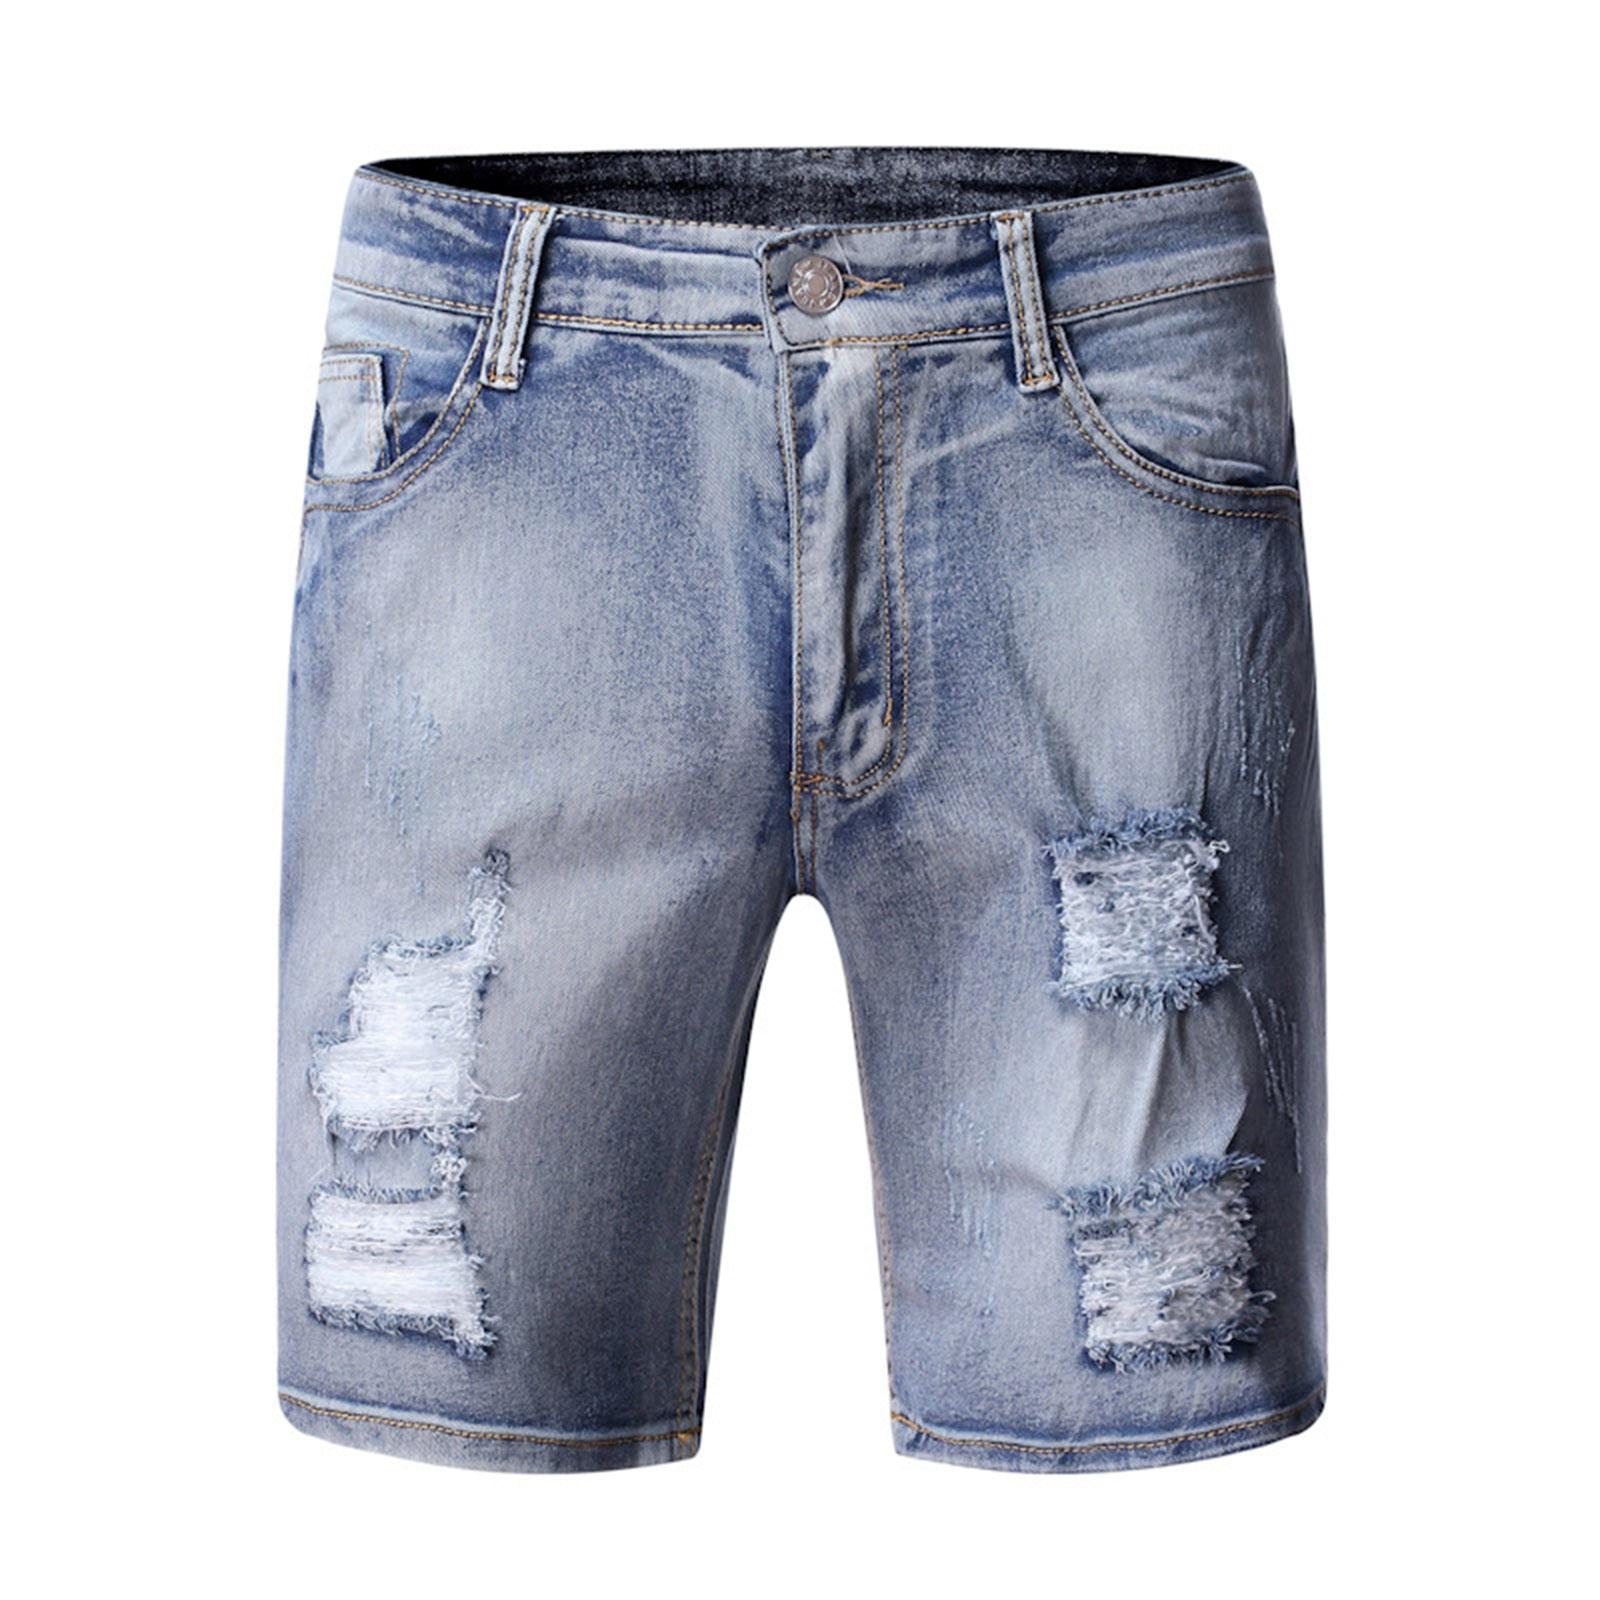 Мужские рваные джинсовые шорты, повседневные зауженные брюки из денима с дырками, модель A40 в винтажном стиле на лето, 2021